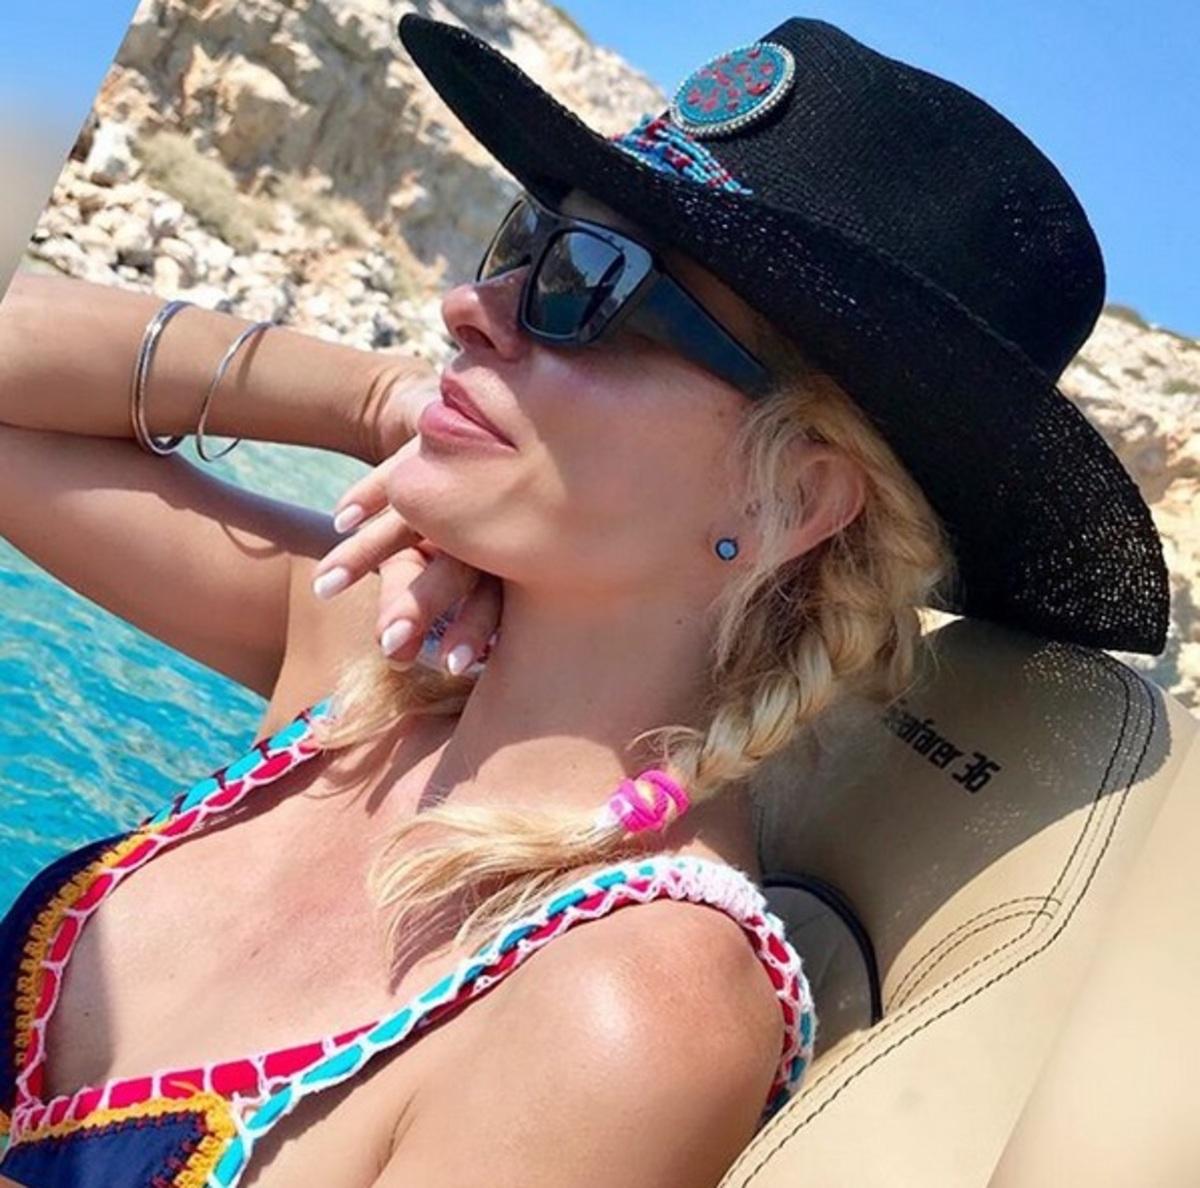 Η Ελένη Μενεγάκη συνεχίζει τις διακοπές της στο Ιόνιο [pic] | Newsit.gr